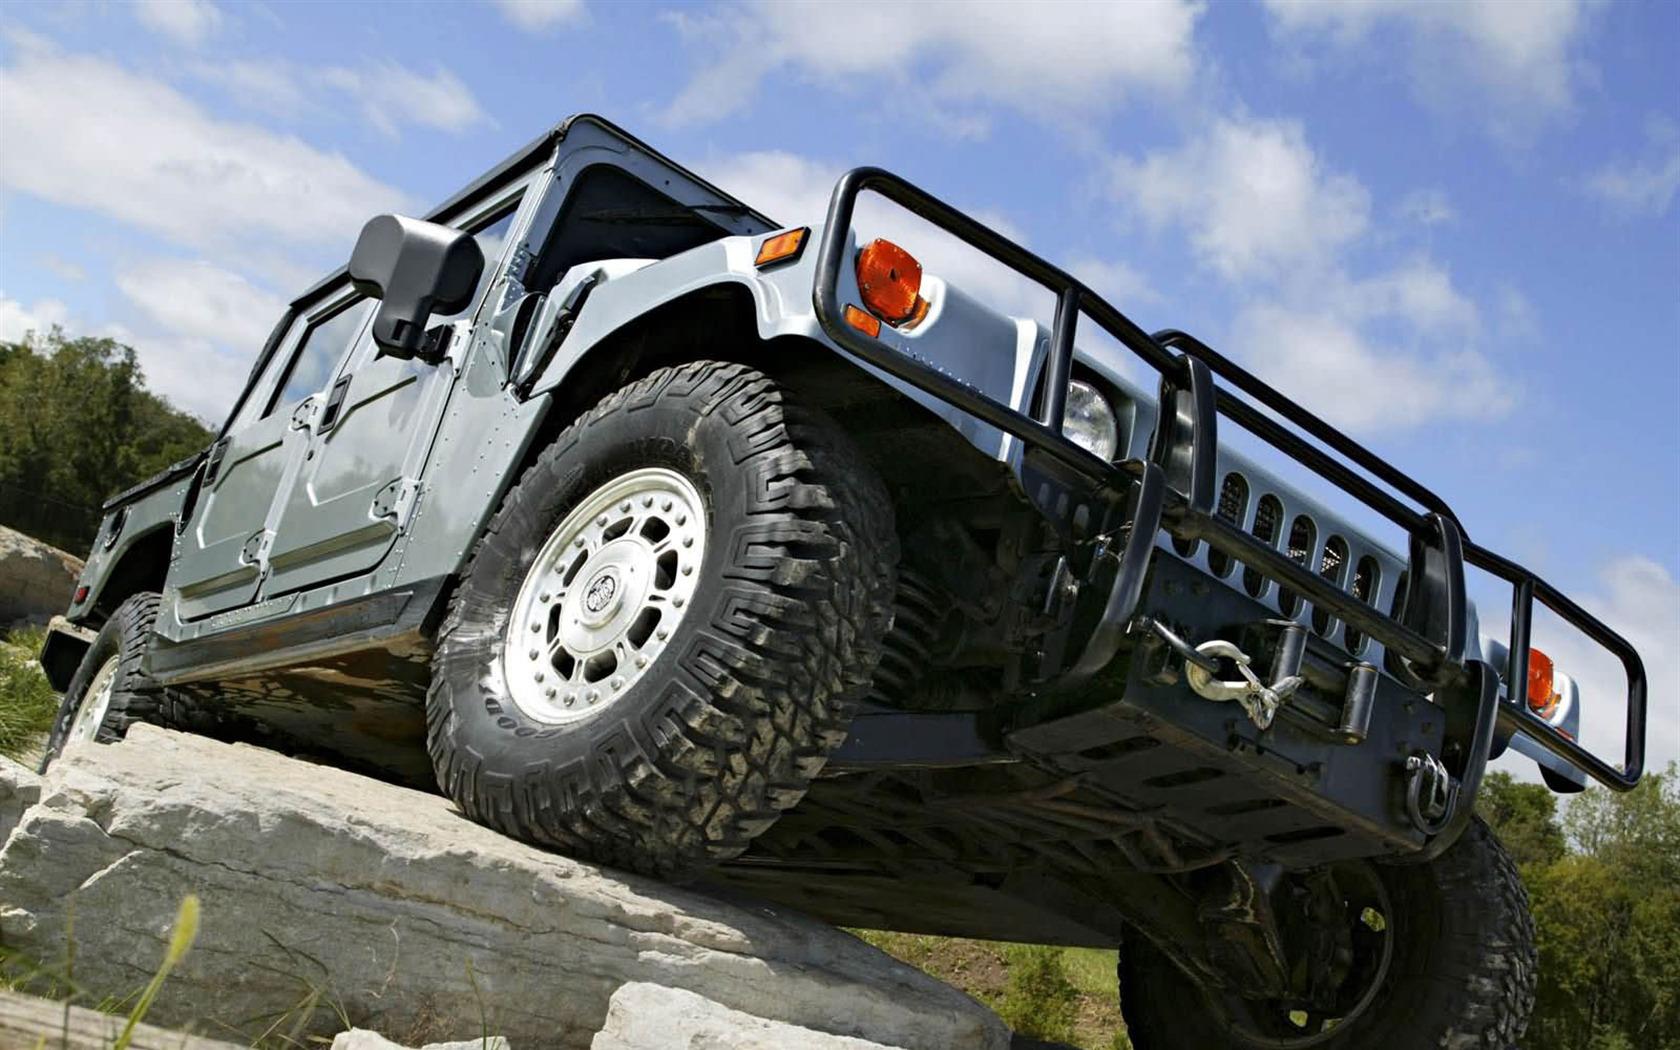 雷克萨斯越野系列_越野车王-悍马(Hummer)H1系列壁纸预览 | 10wallpaper.com